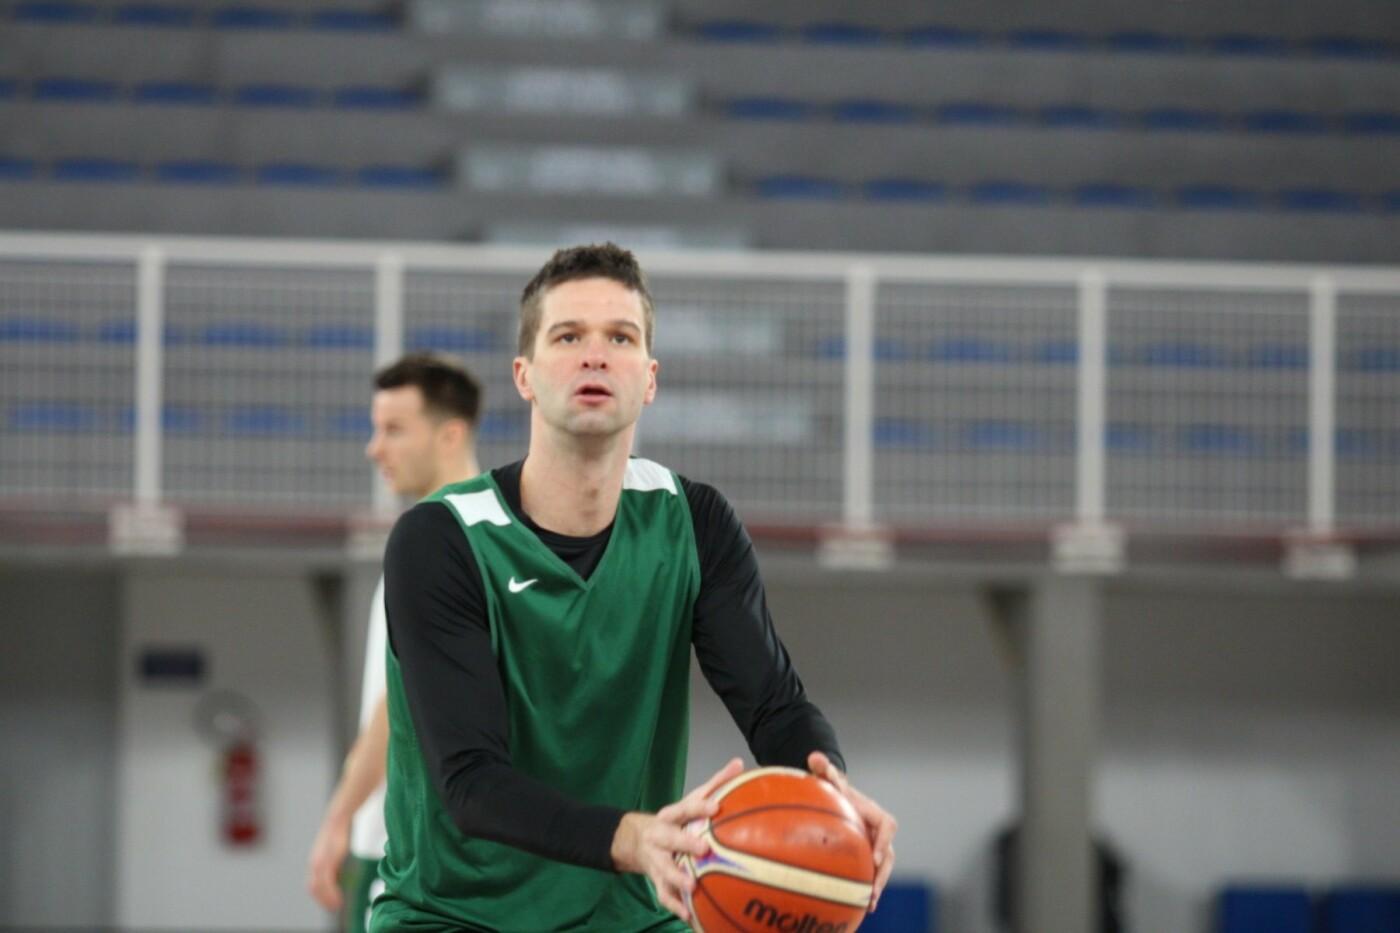 Lietuvos vyrų krepšinio rinktinė surengė vienintelę treniruotę Italijoje, nuotrauka-9